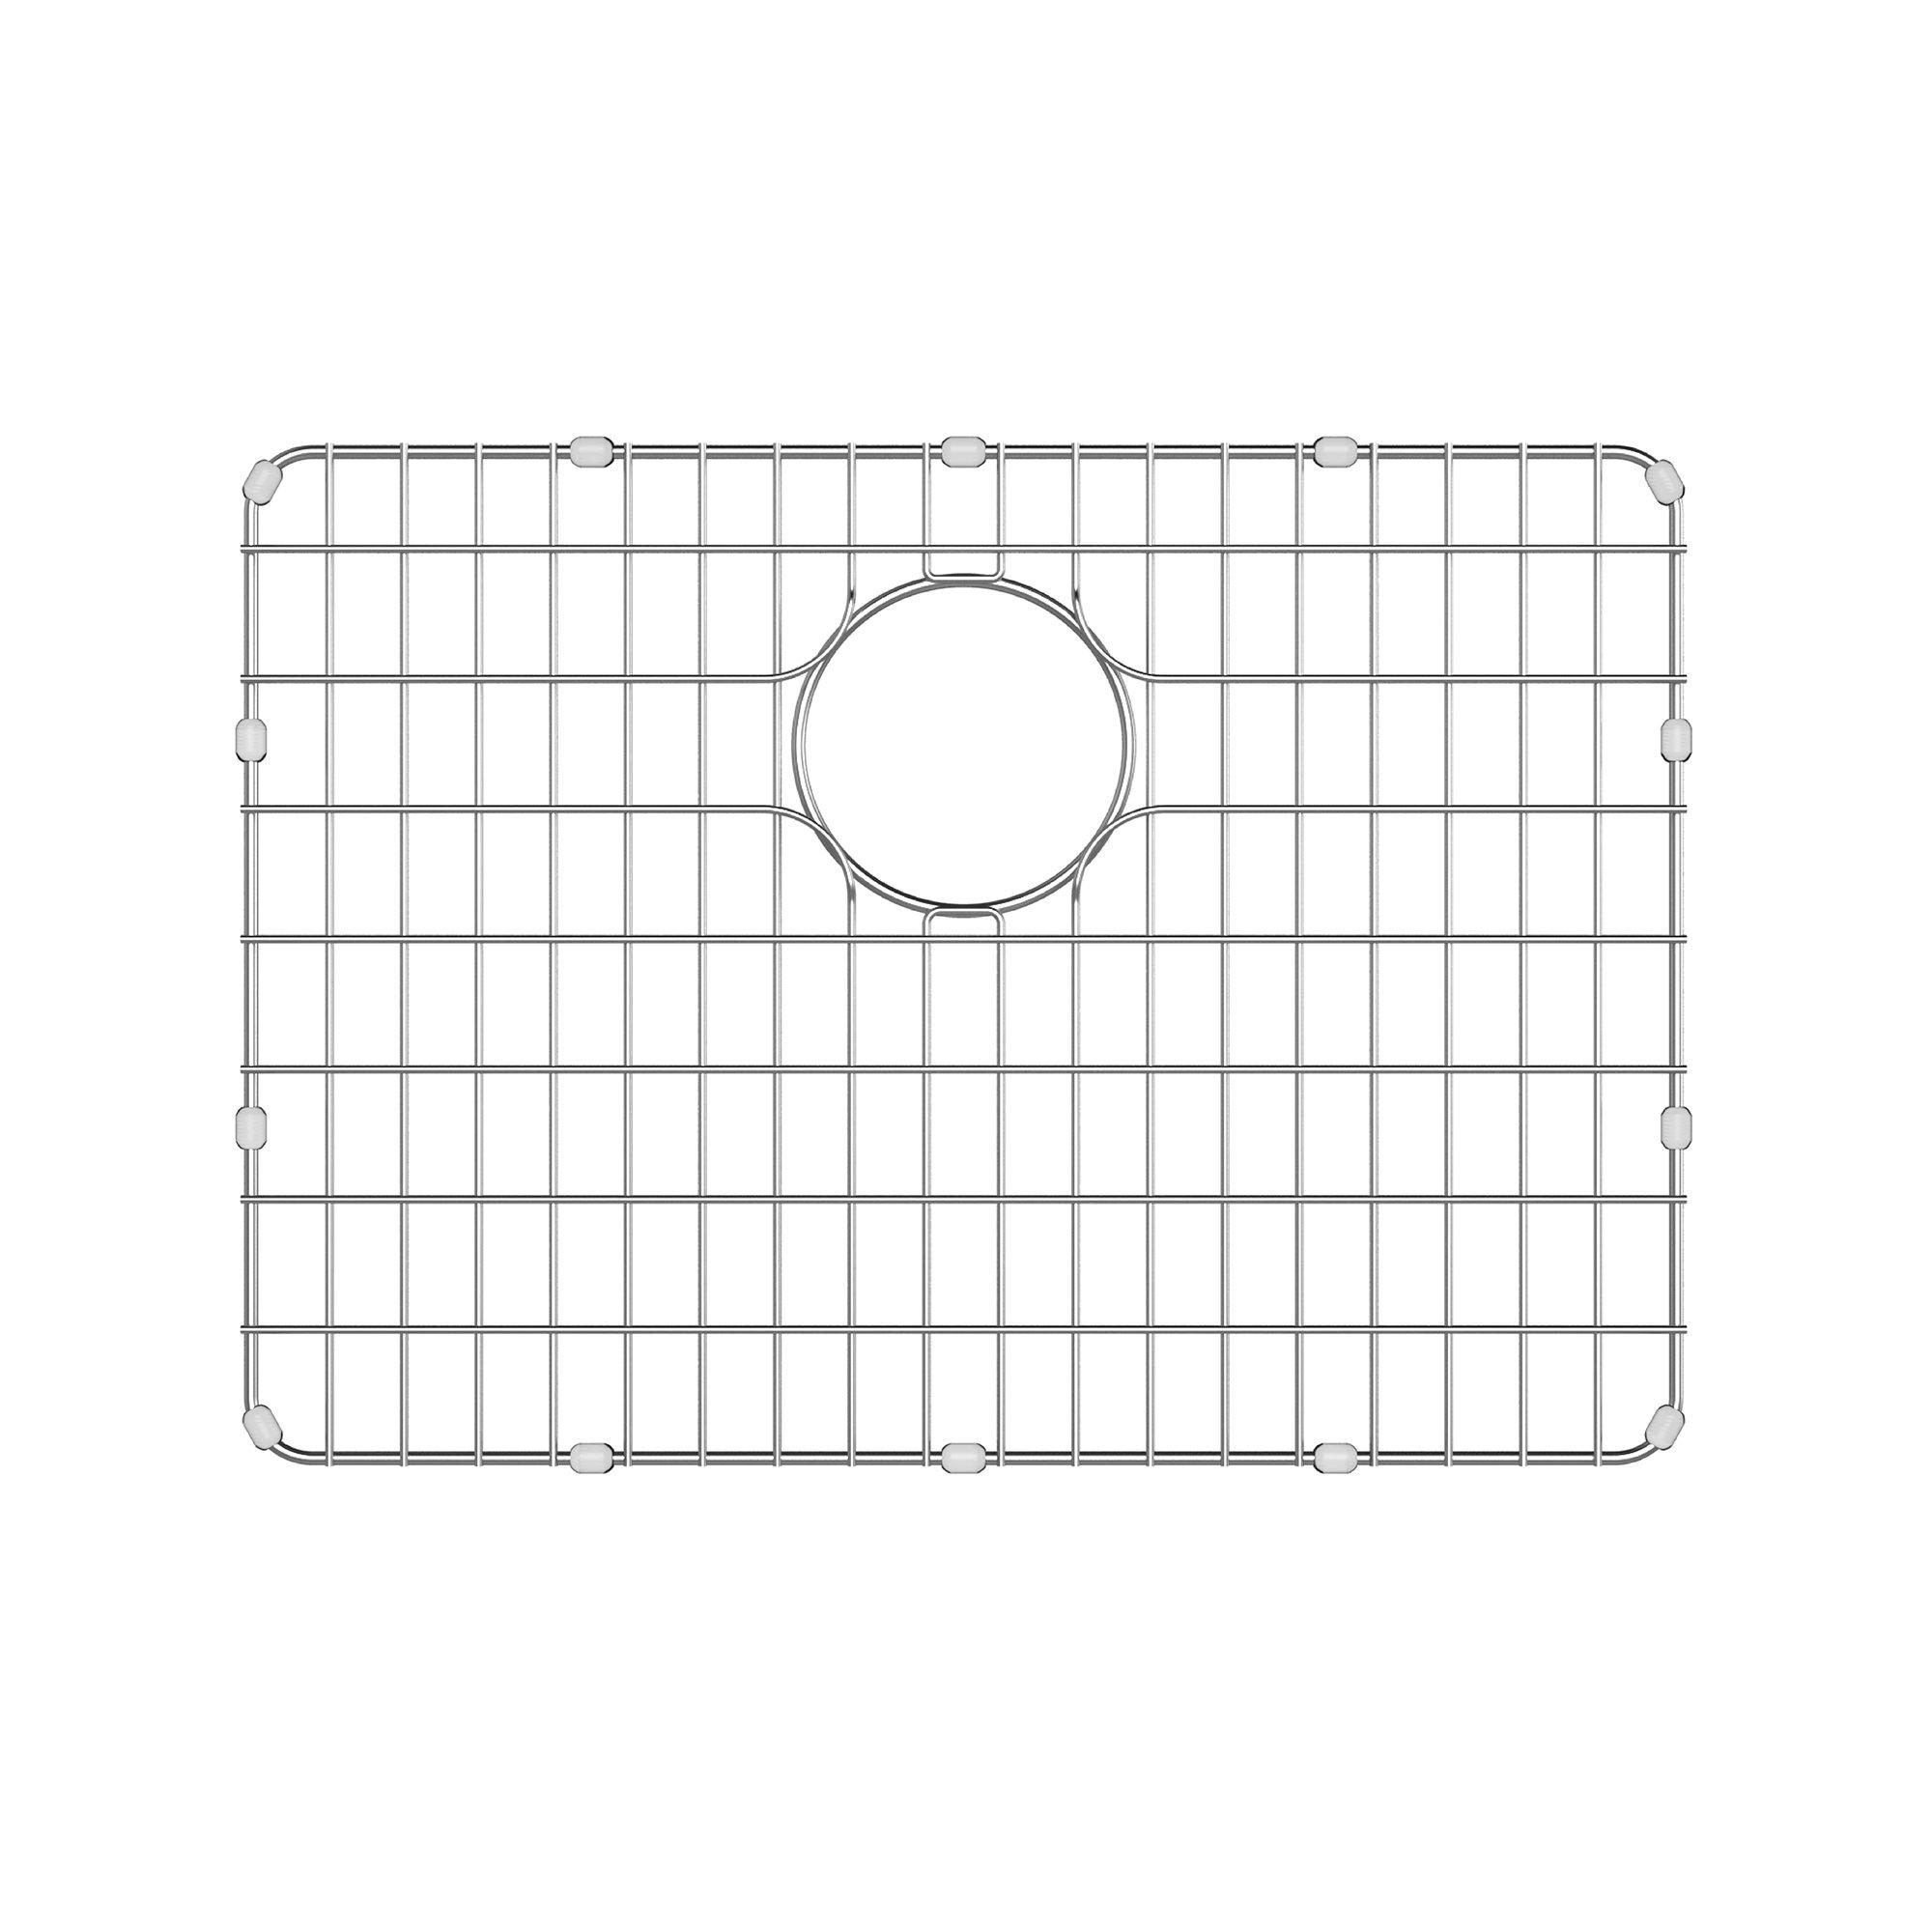 Kraus BG2317 Stainless Steel Bottom Grid for KD1US25B Kitchen Sink, 20.8'' x 14.8'' x 1''